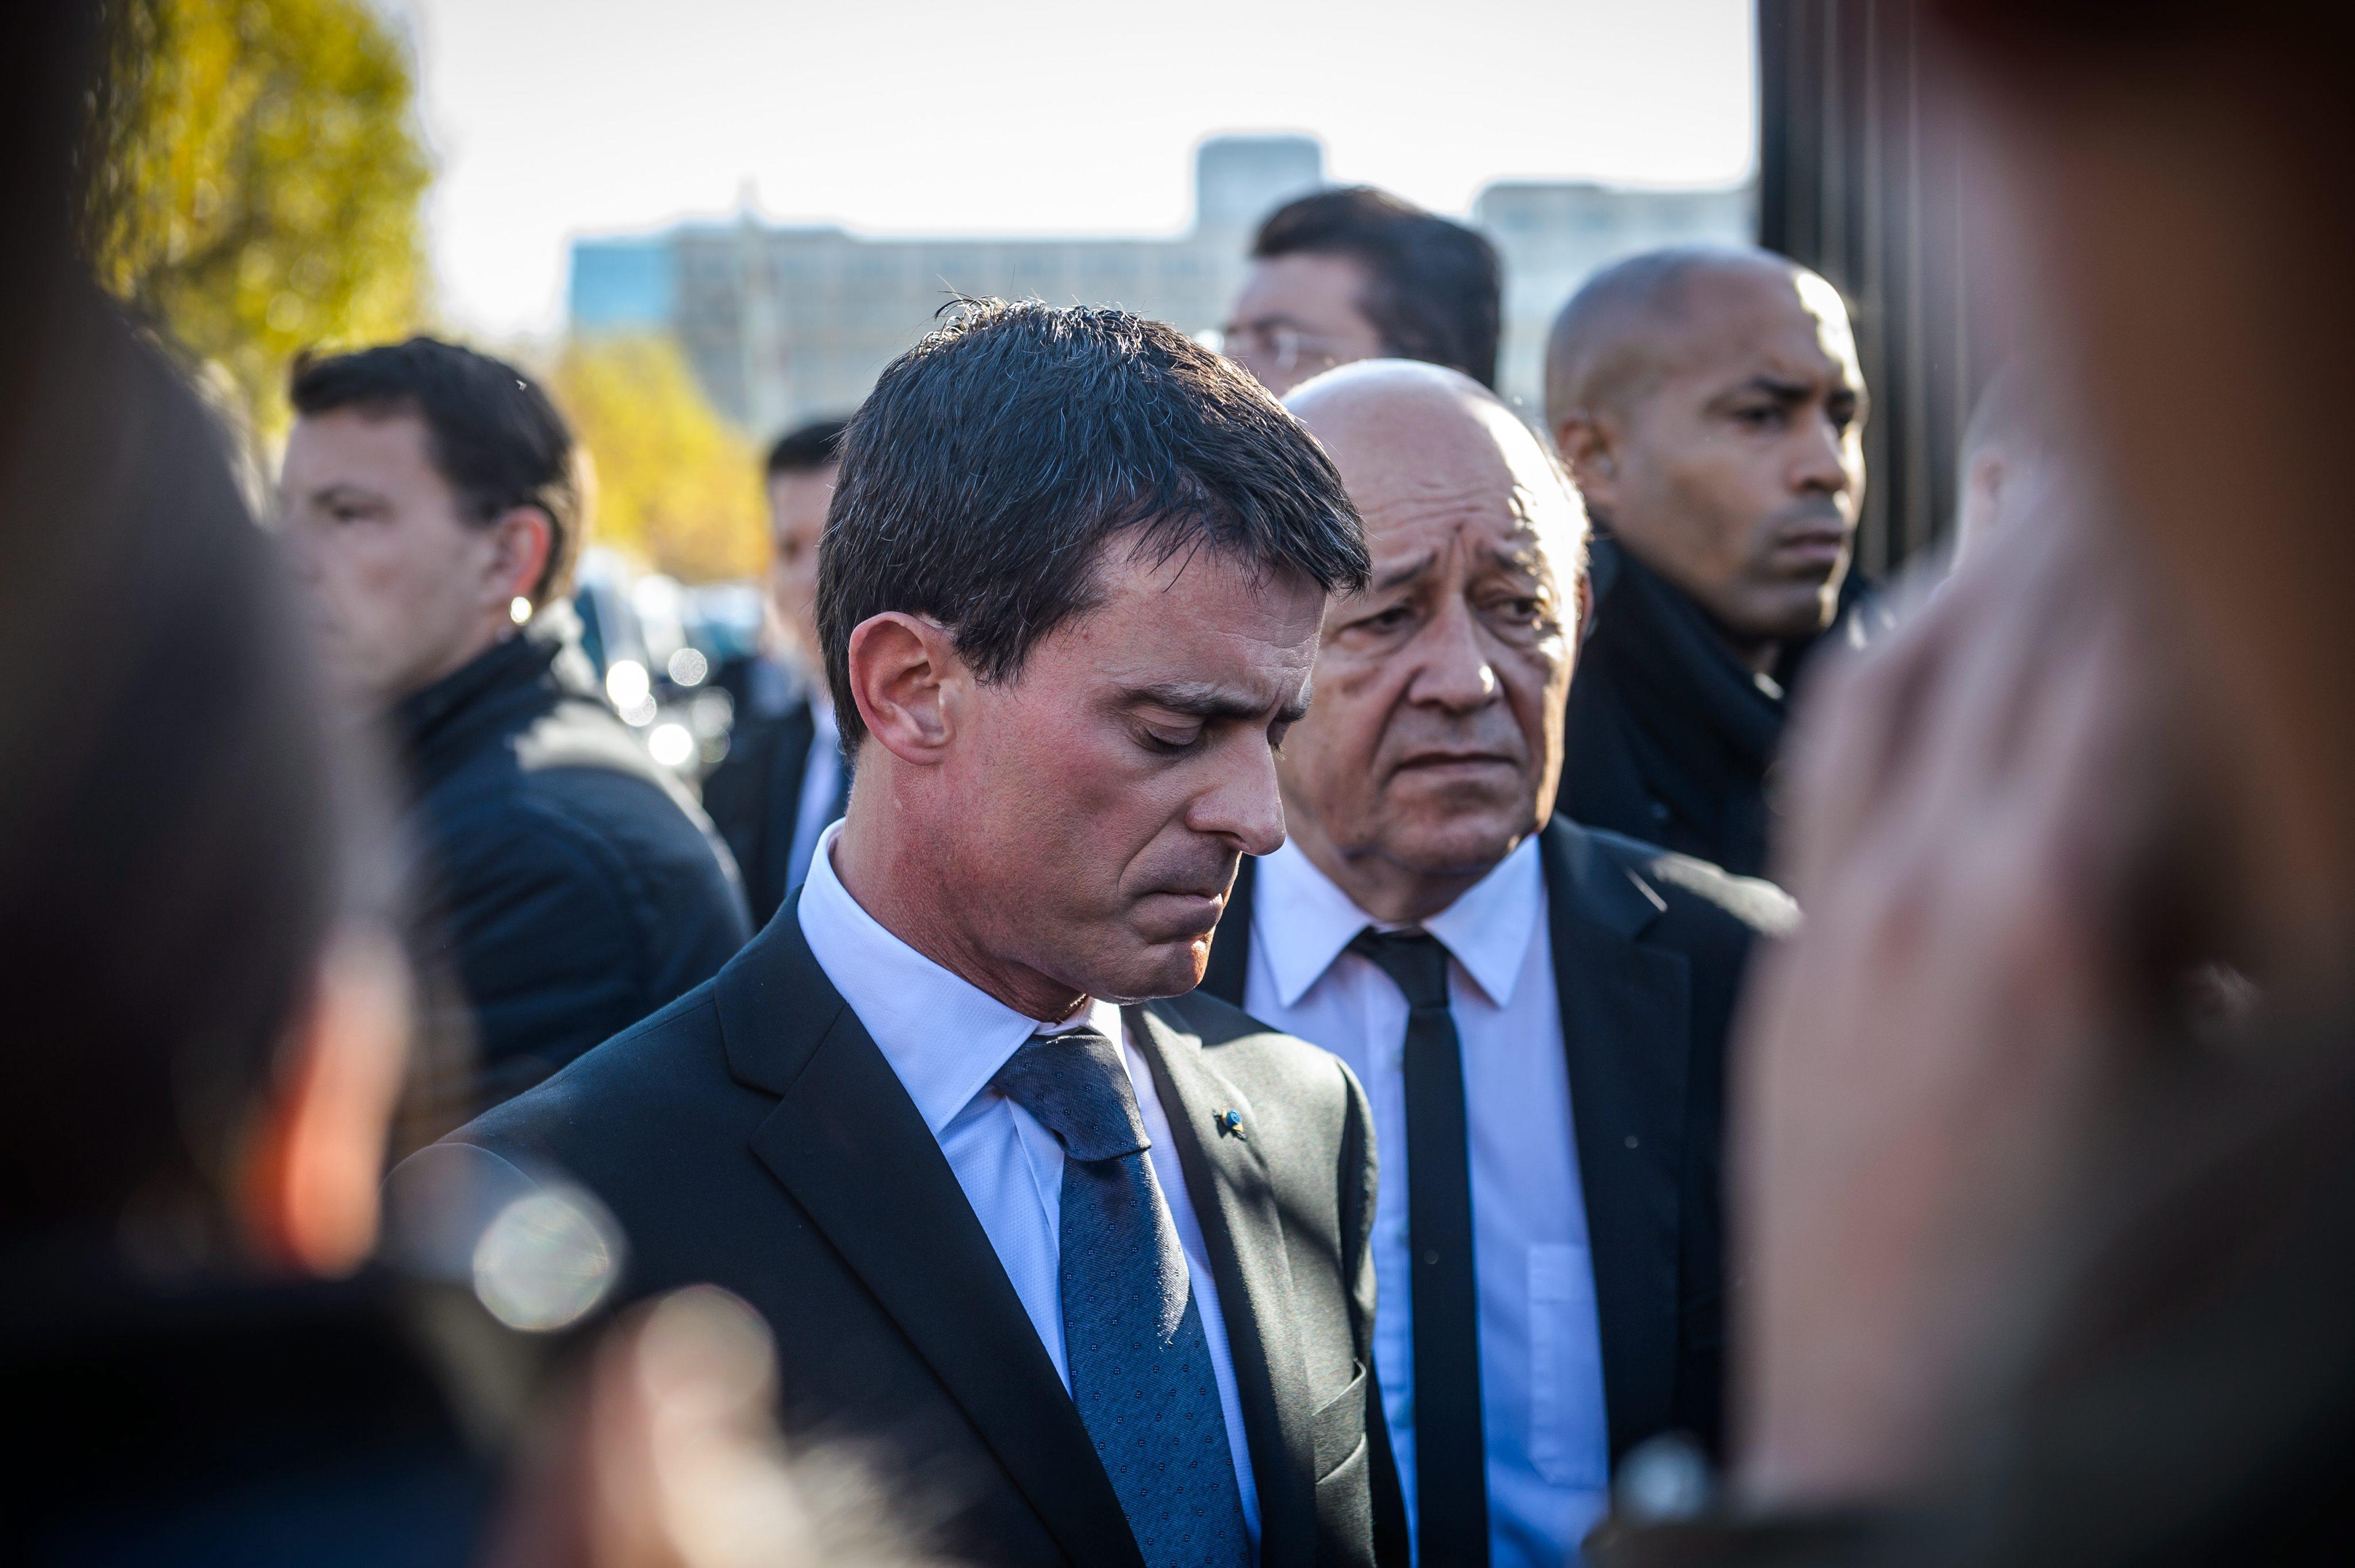 Terorismul ar putea lovi din nou Franta, dar si alte tari europene. Anuntul facut de premierul francez, Manuel Valls